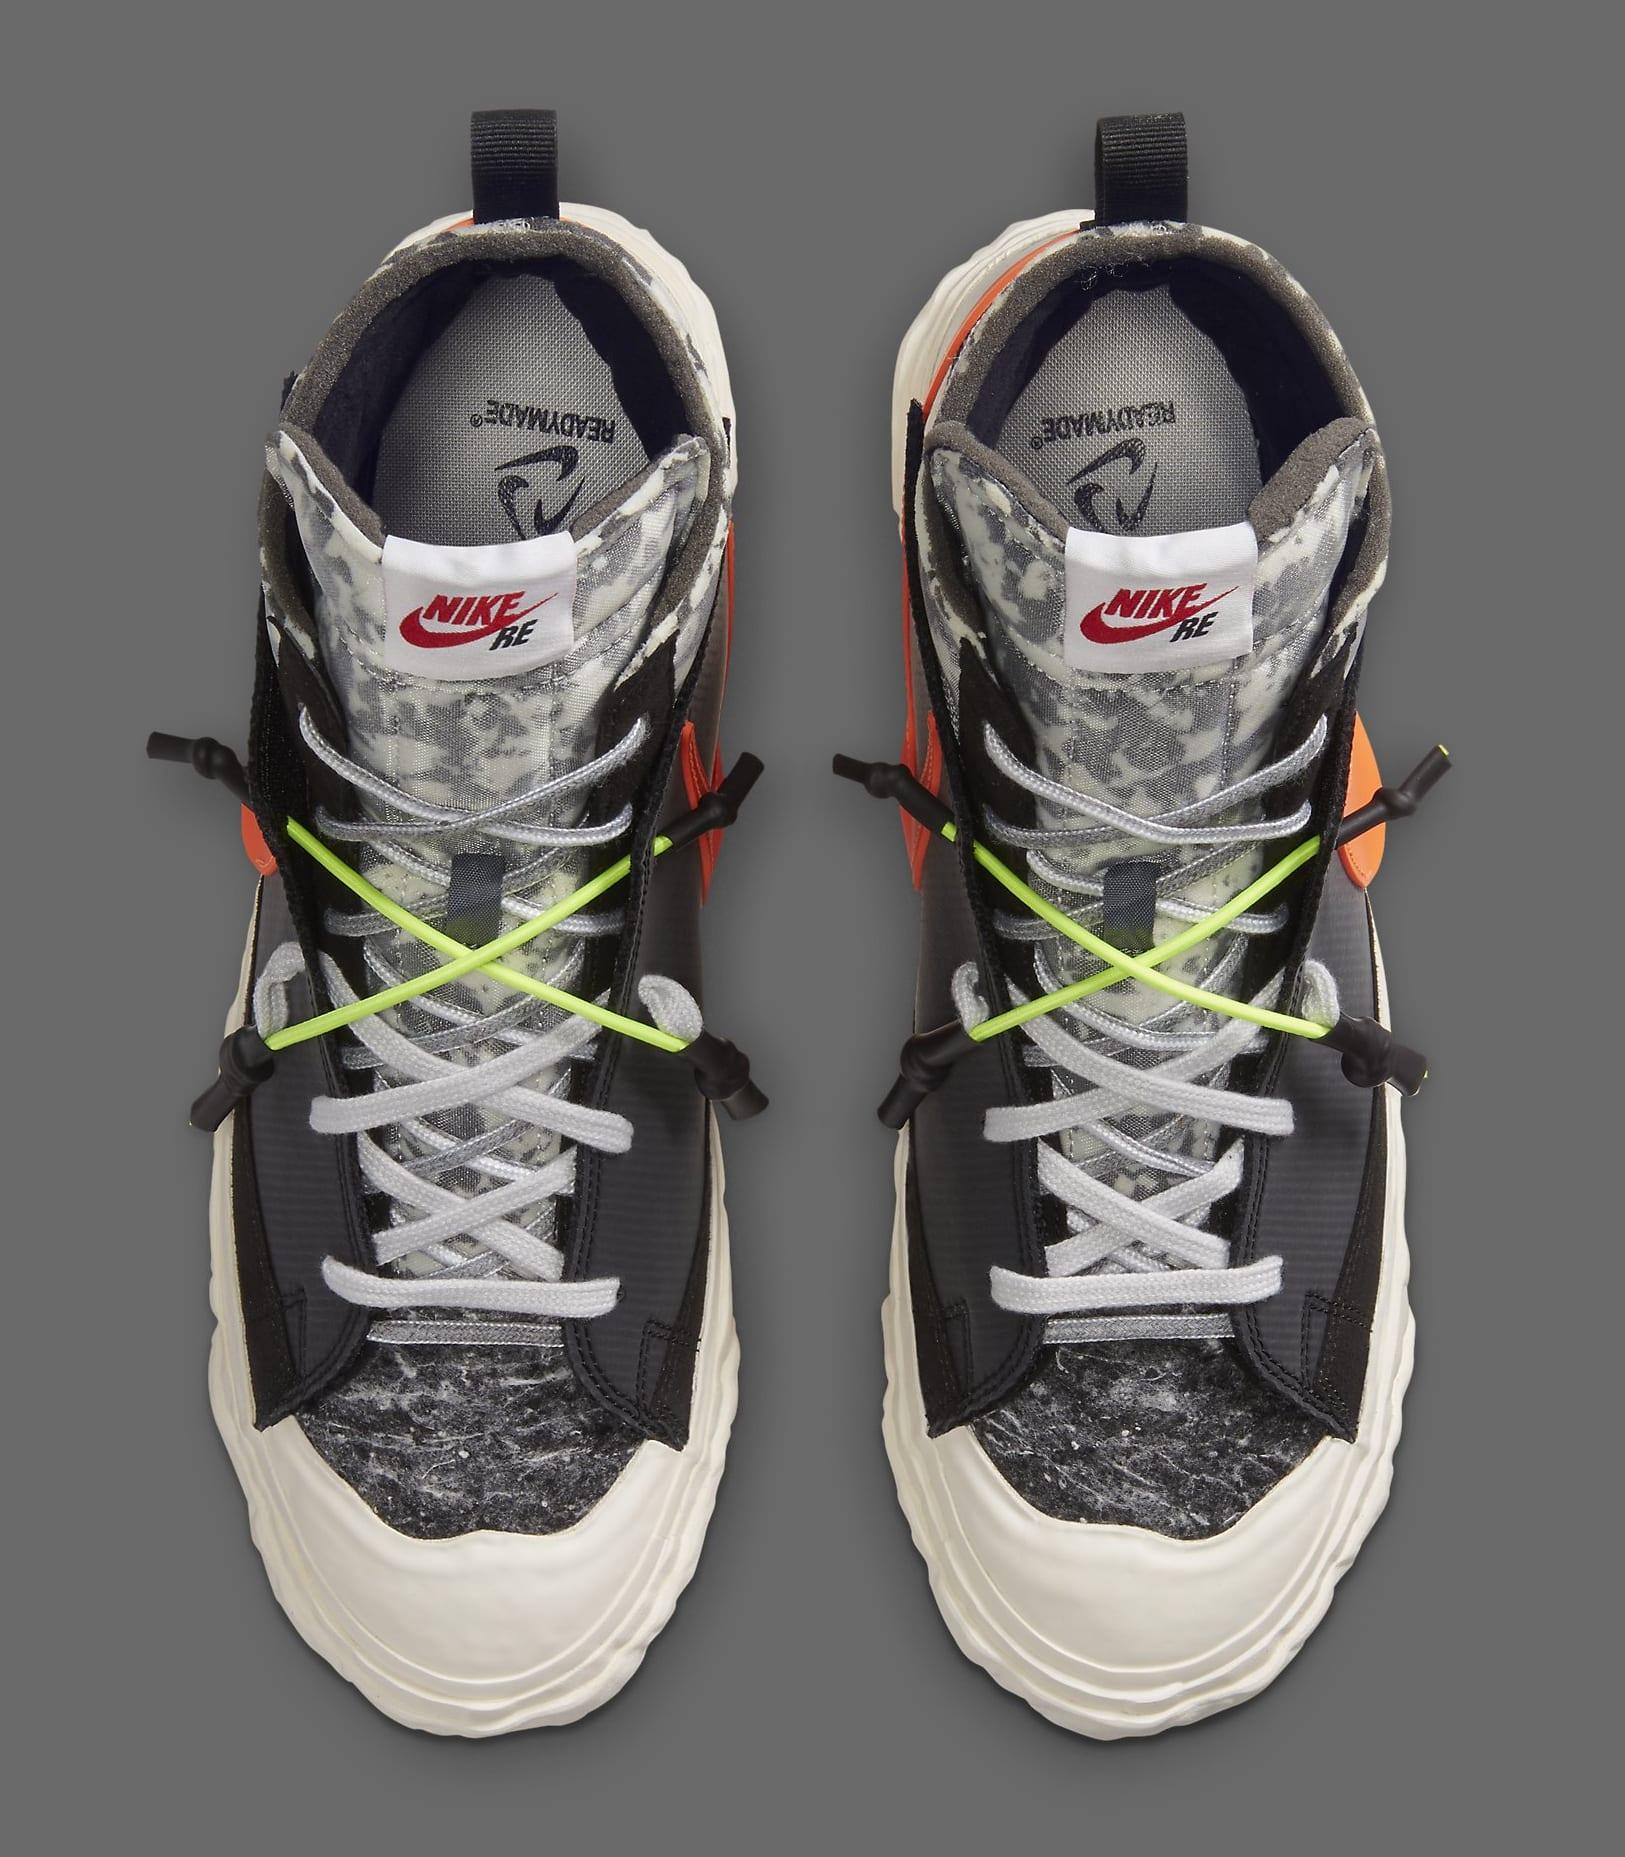 Readymade x Nike Blazer Mid CZ3589-001 Top